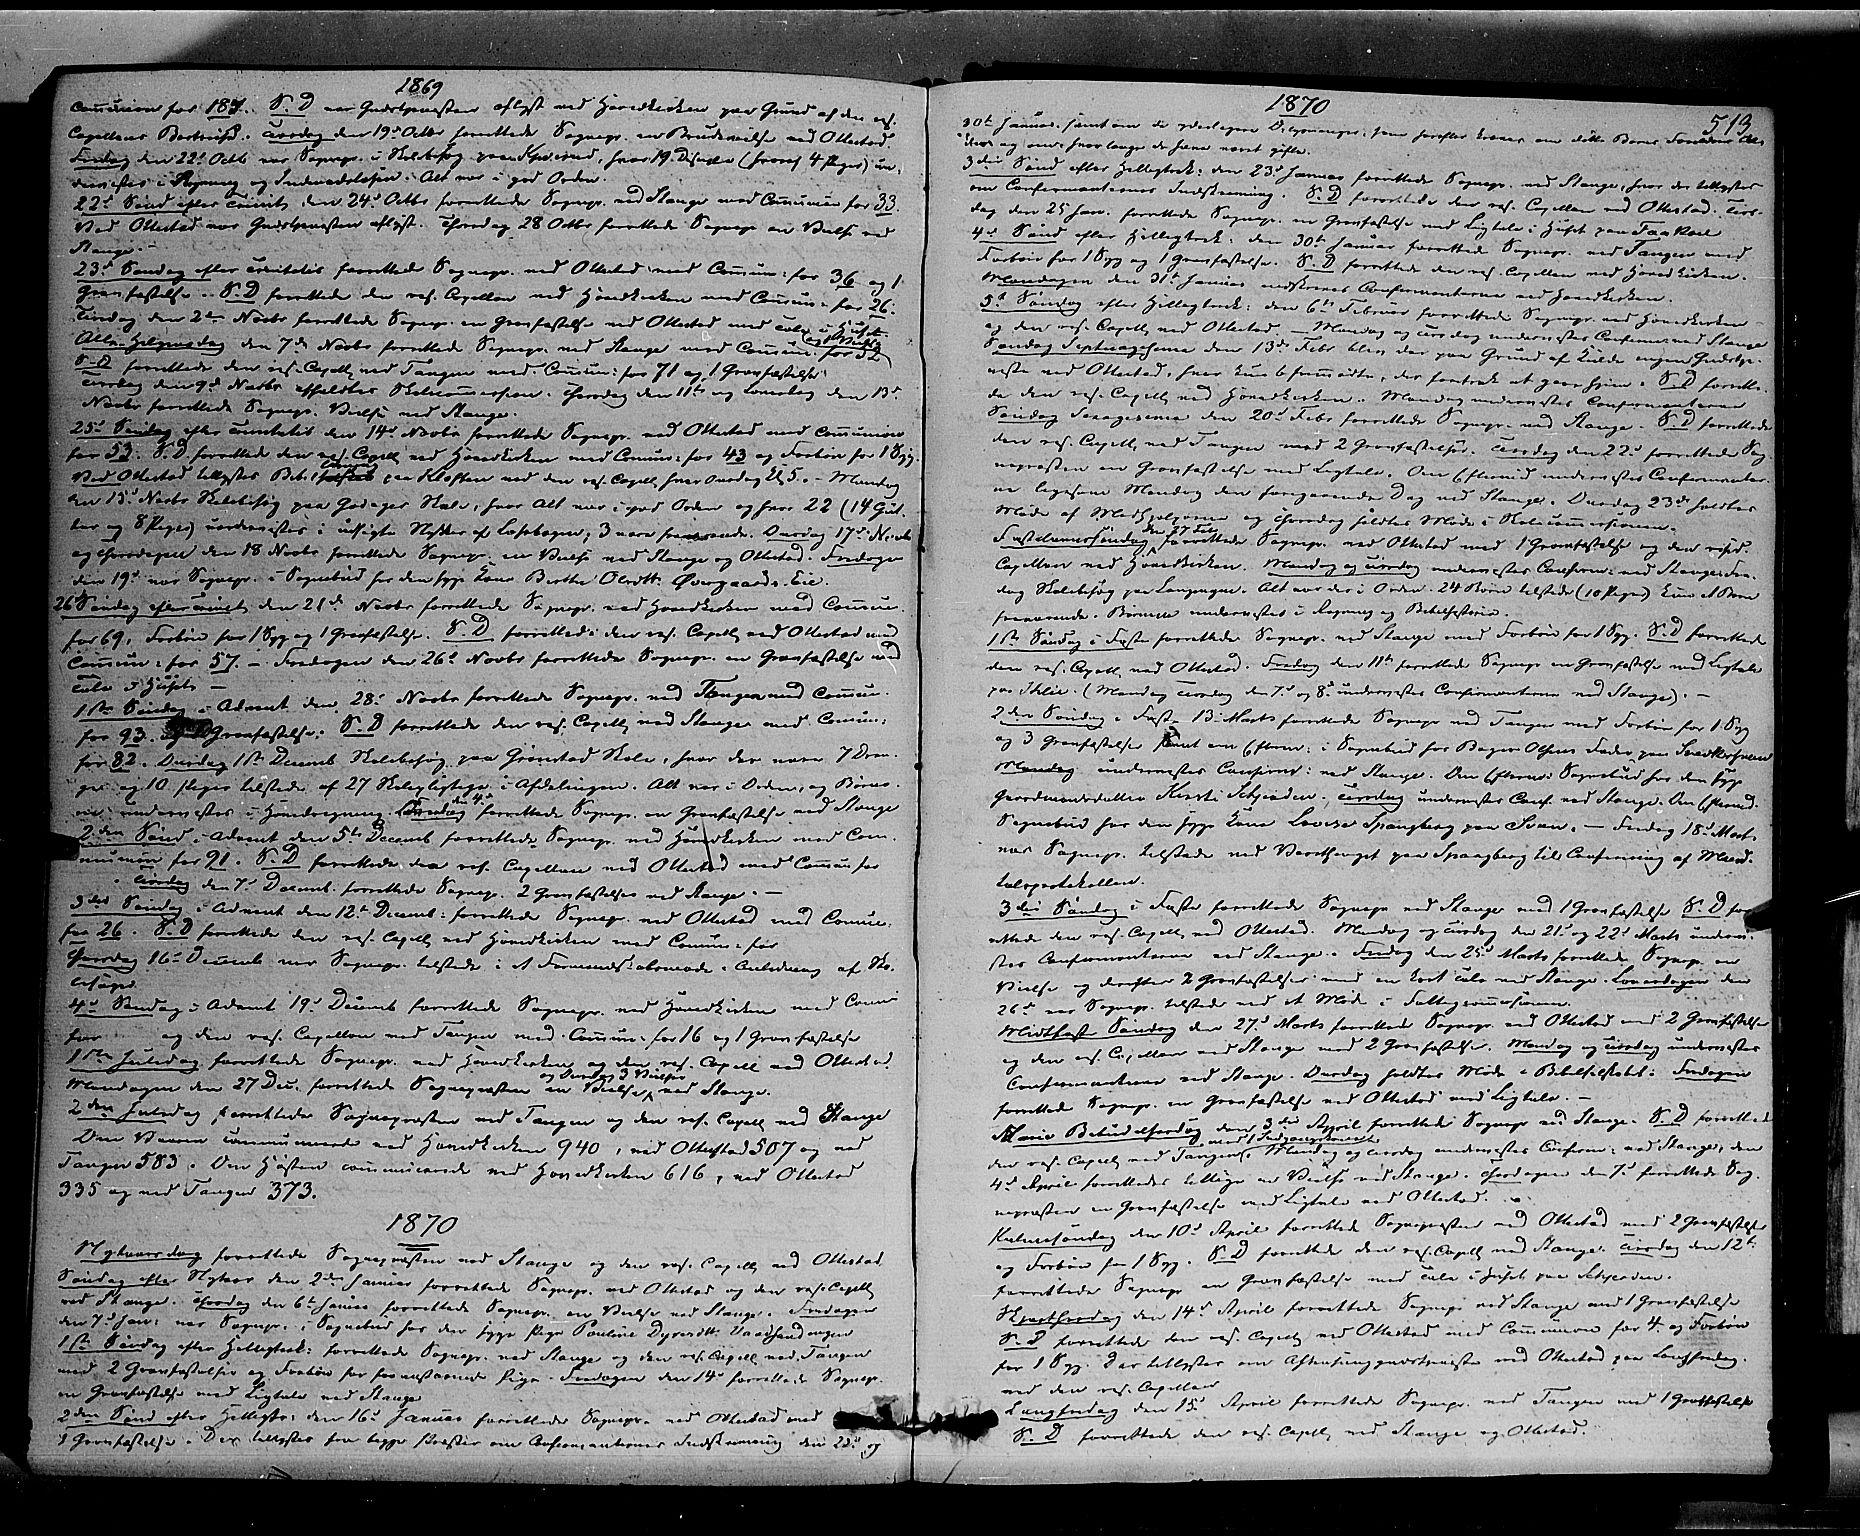 SAH, Stange prestekontor, K/L0013: Parish register (official) no. 13, 1862-1879, p. 513